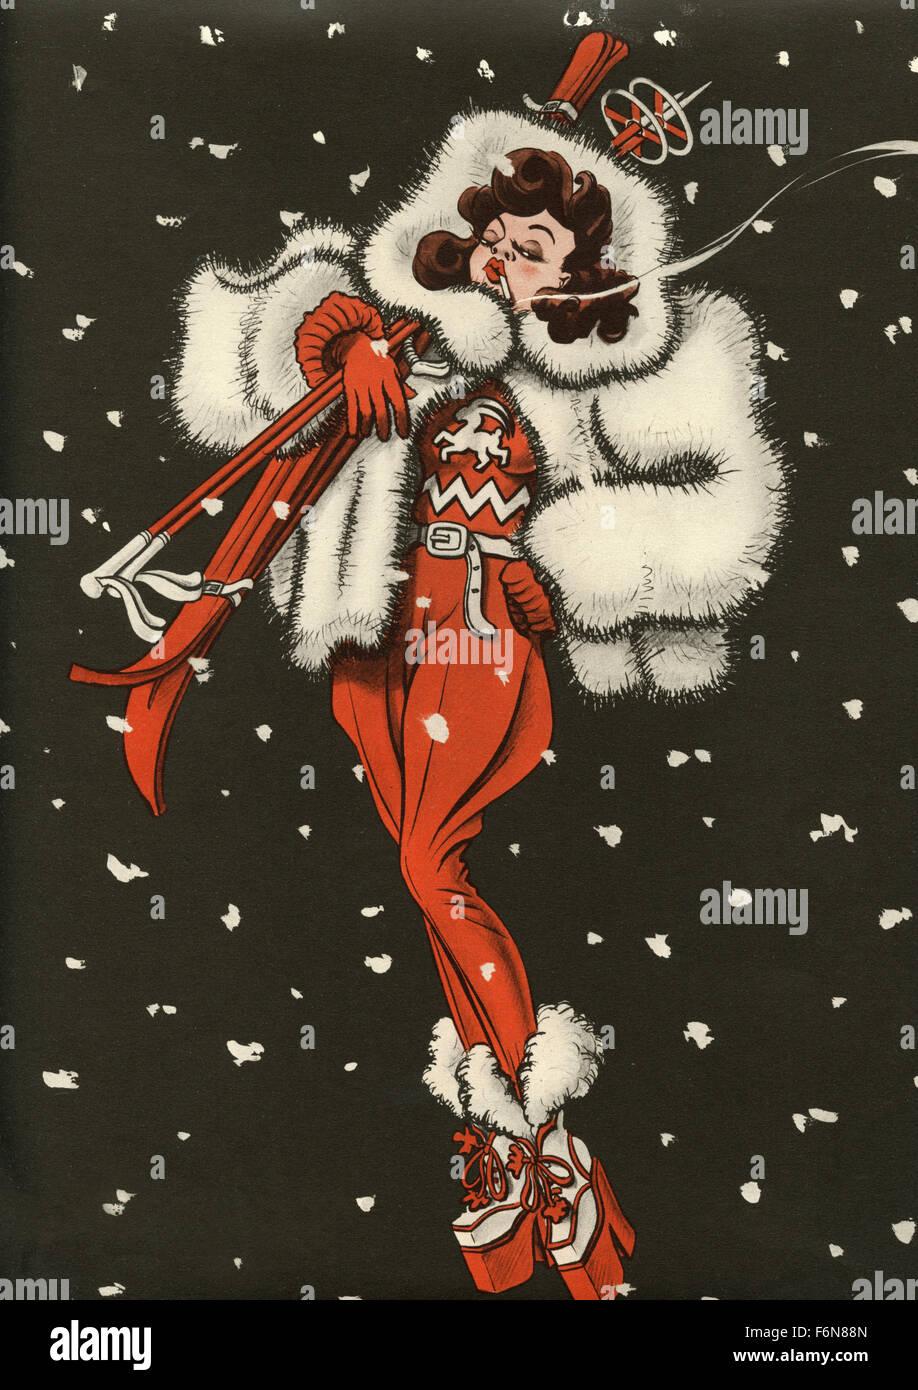 Tedesco illustrazioni satirico 1950: una donna sci e fumatori Immagini Stock